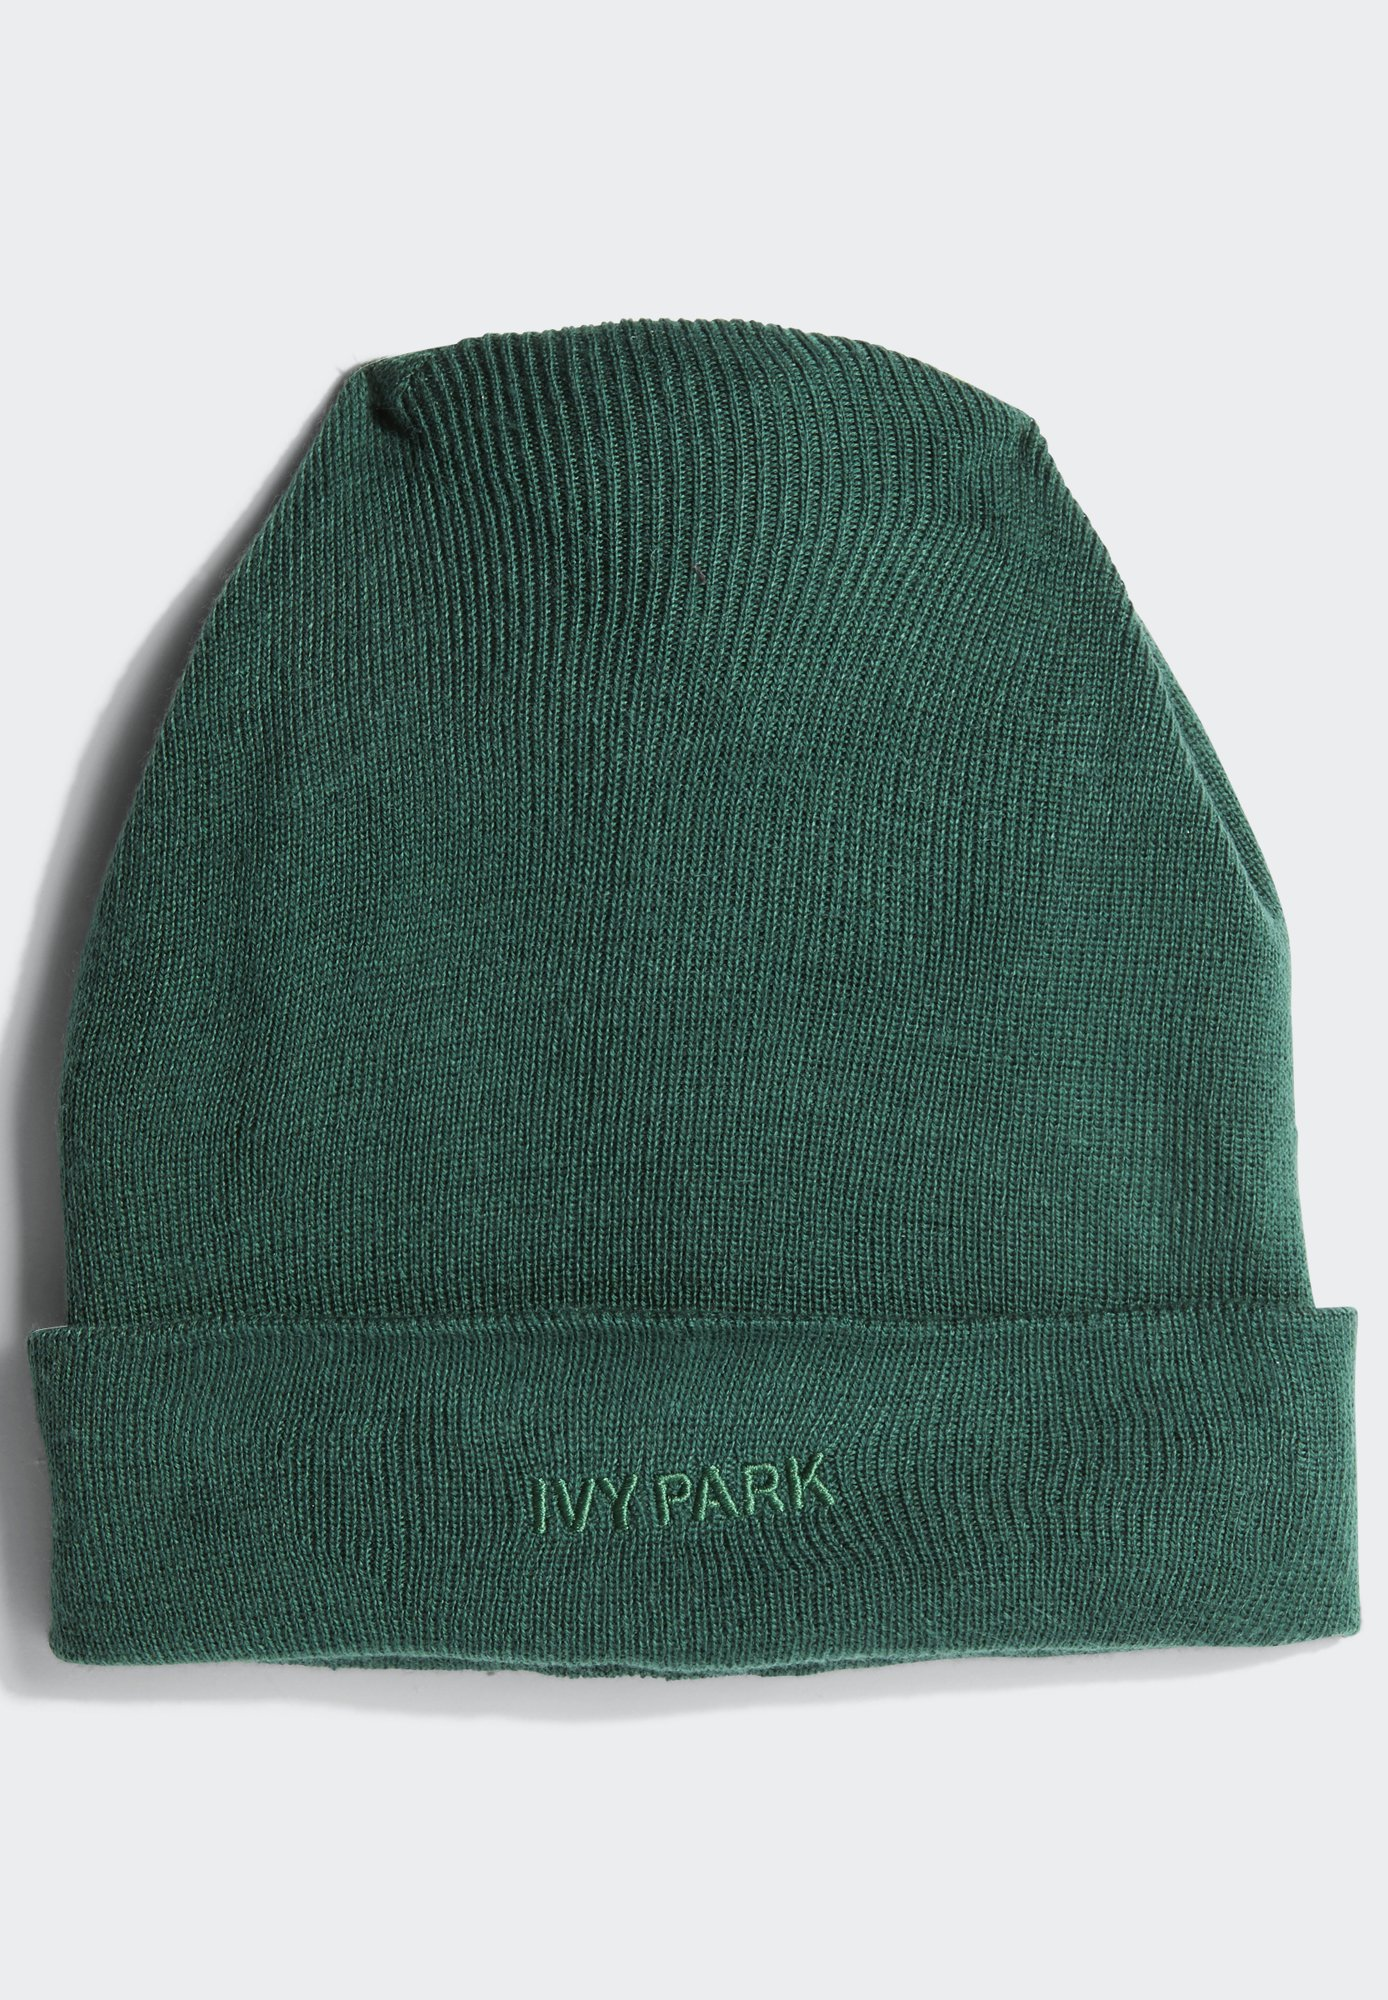 Adidas Originals Ivy Park Beanie - Mütze Drkgrn/dunkelgrün